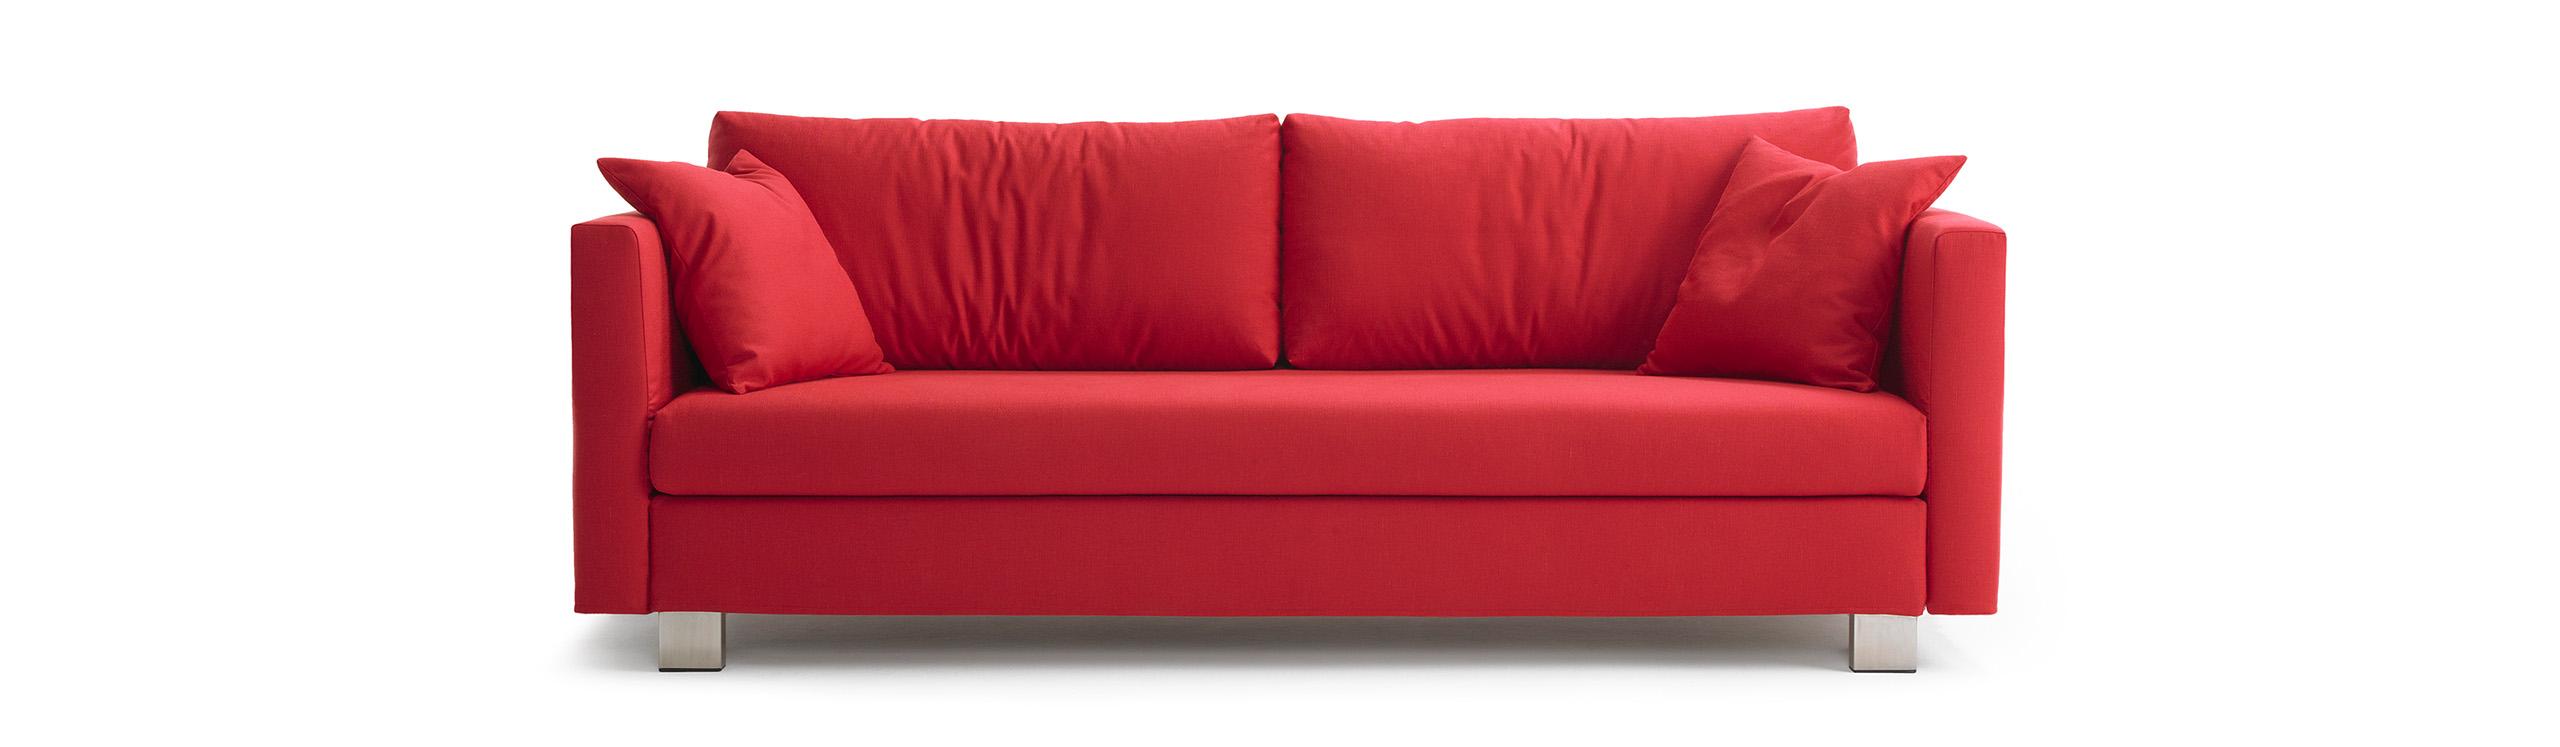 Signet sofas in kassel gttingen baunatal hann mnden oeko previous parisarafo Images